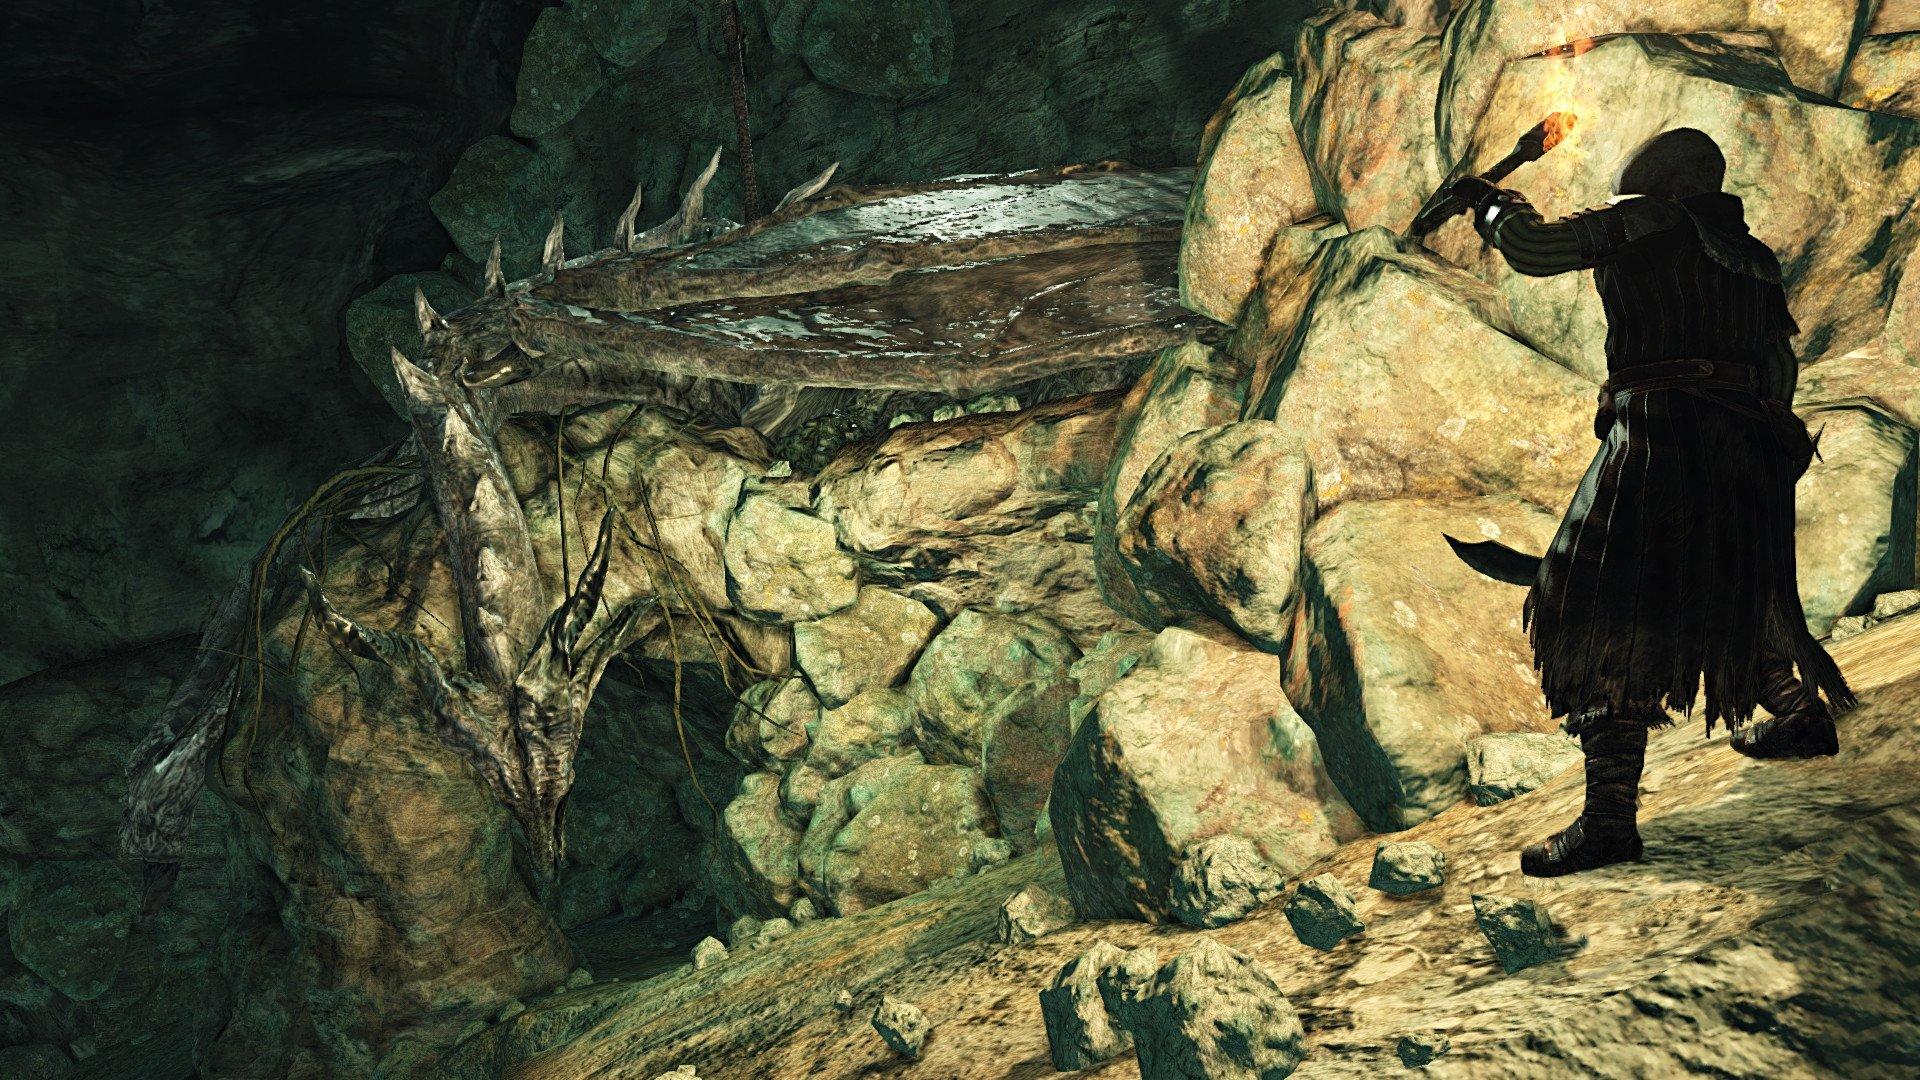 Син, дремлющий дракон - Изображение 1